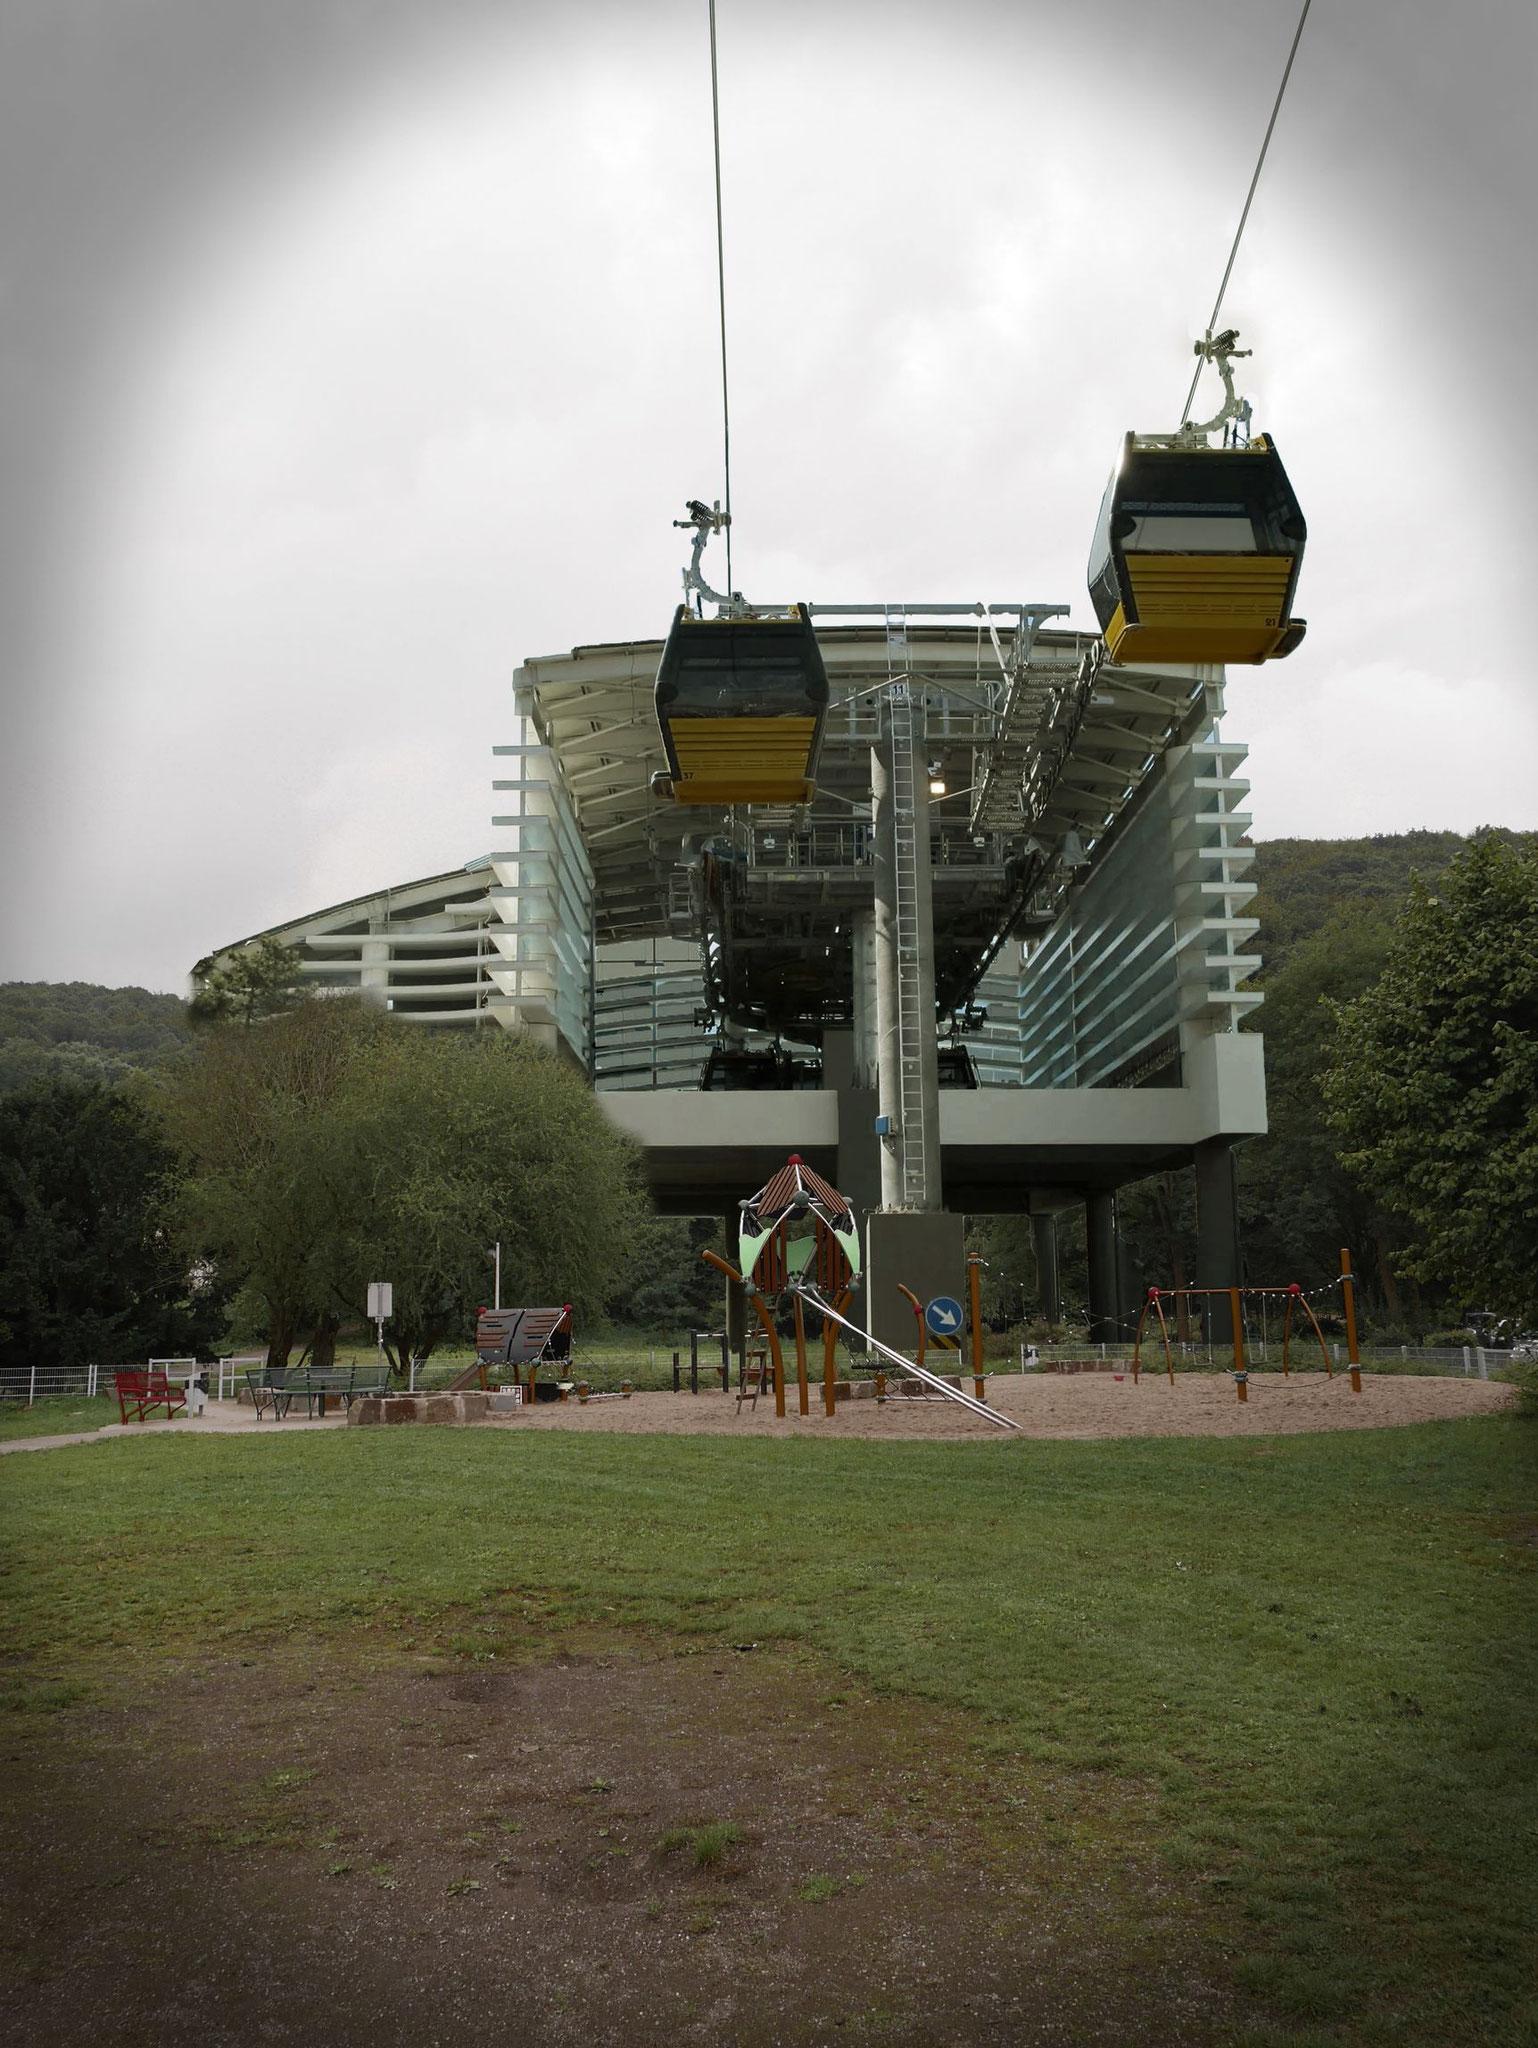 Spielplatz Hindenburgplatz mit Bahnhof